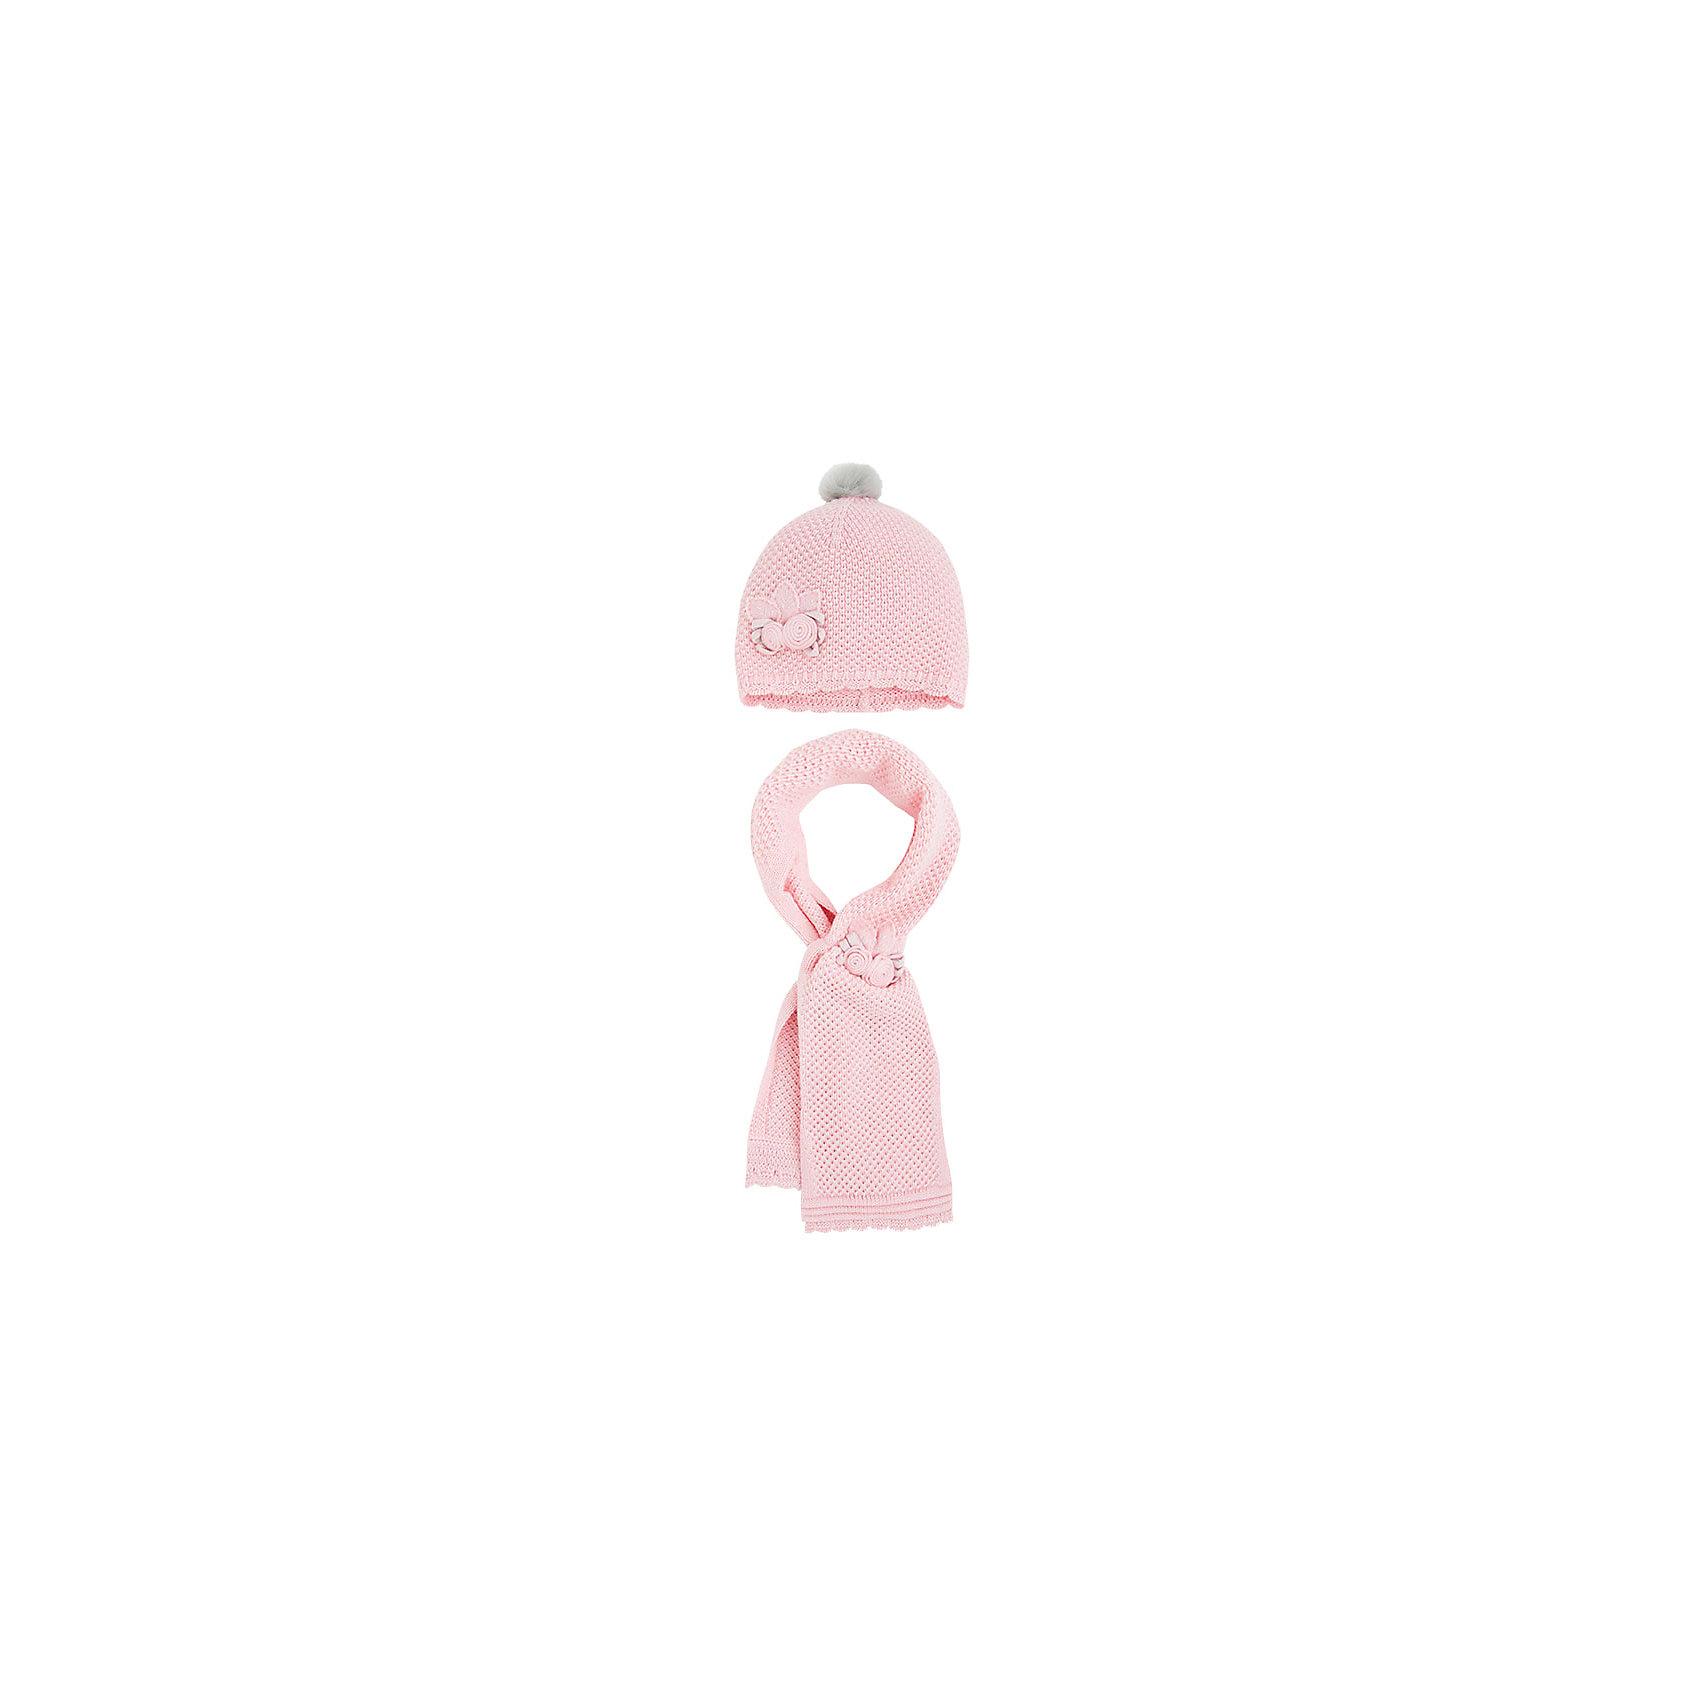 Комплект: шапка и шарф для девочки MayoralКомплект: шапка и шарф для девочки от известной испанской марки Mayoral.<br>Состав:<br><br>Ширина мм: 89<br>Глубина мм: 117<br>Высота мм: 44<br>Вес г: 155<br>Цвет: розовый<br>Возраст от месяцев: 12<br>Возраст до месяцев: 24<br>Пол: Женский<br>Возраст: Детский<br>Размер: 48,50<br>SKU: 4190646